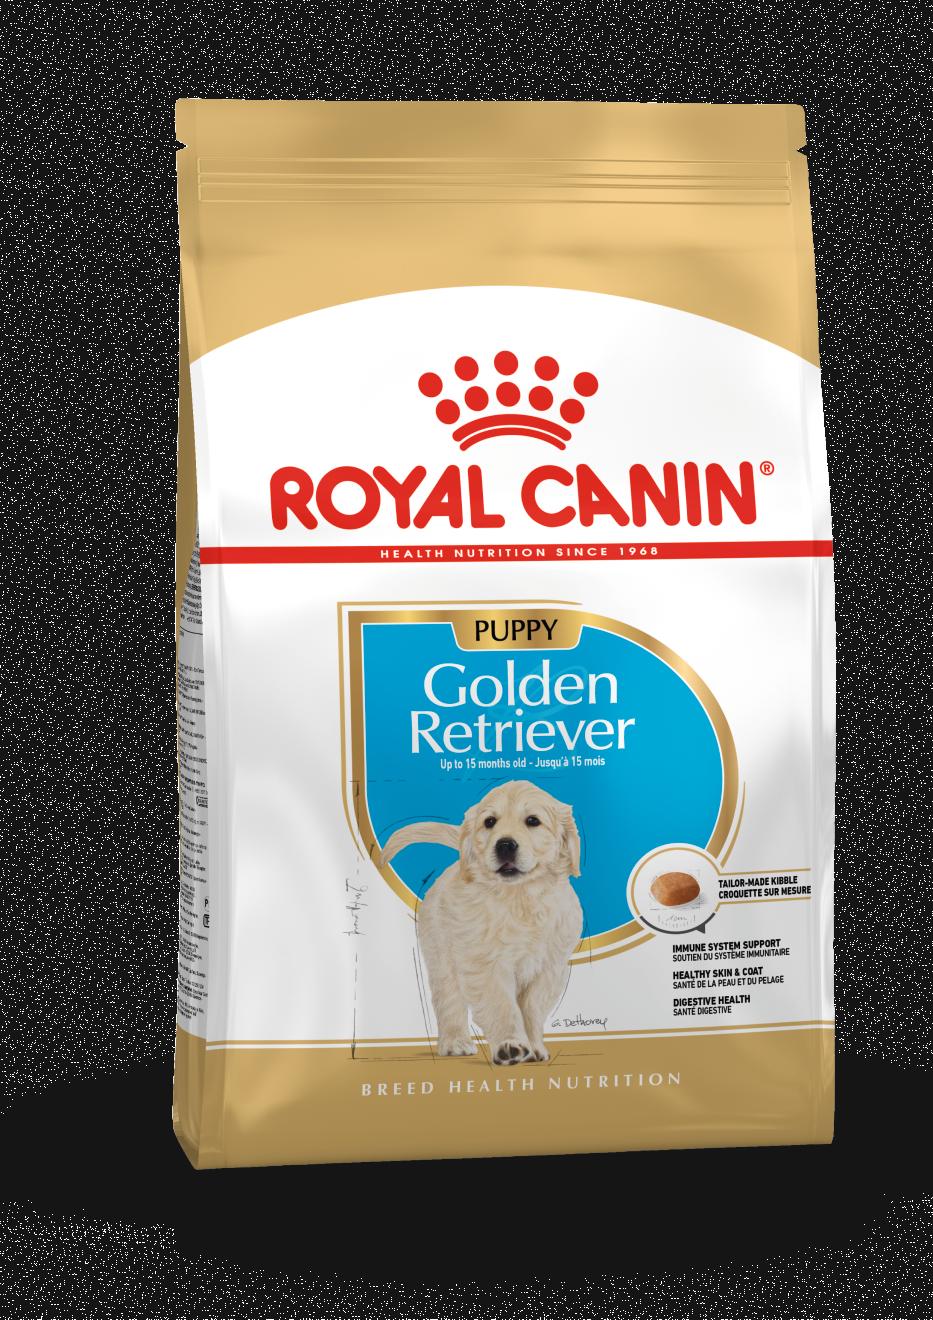 Golden Retriever Puppy, 12kg